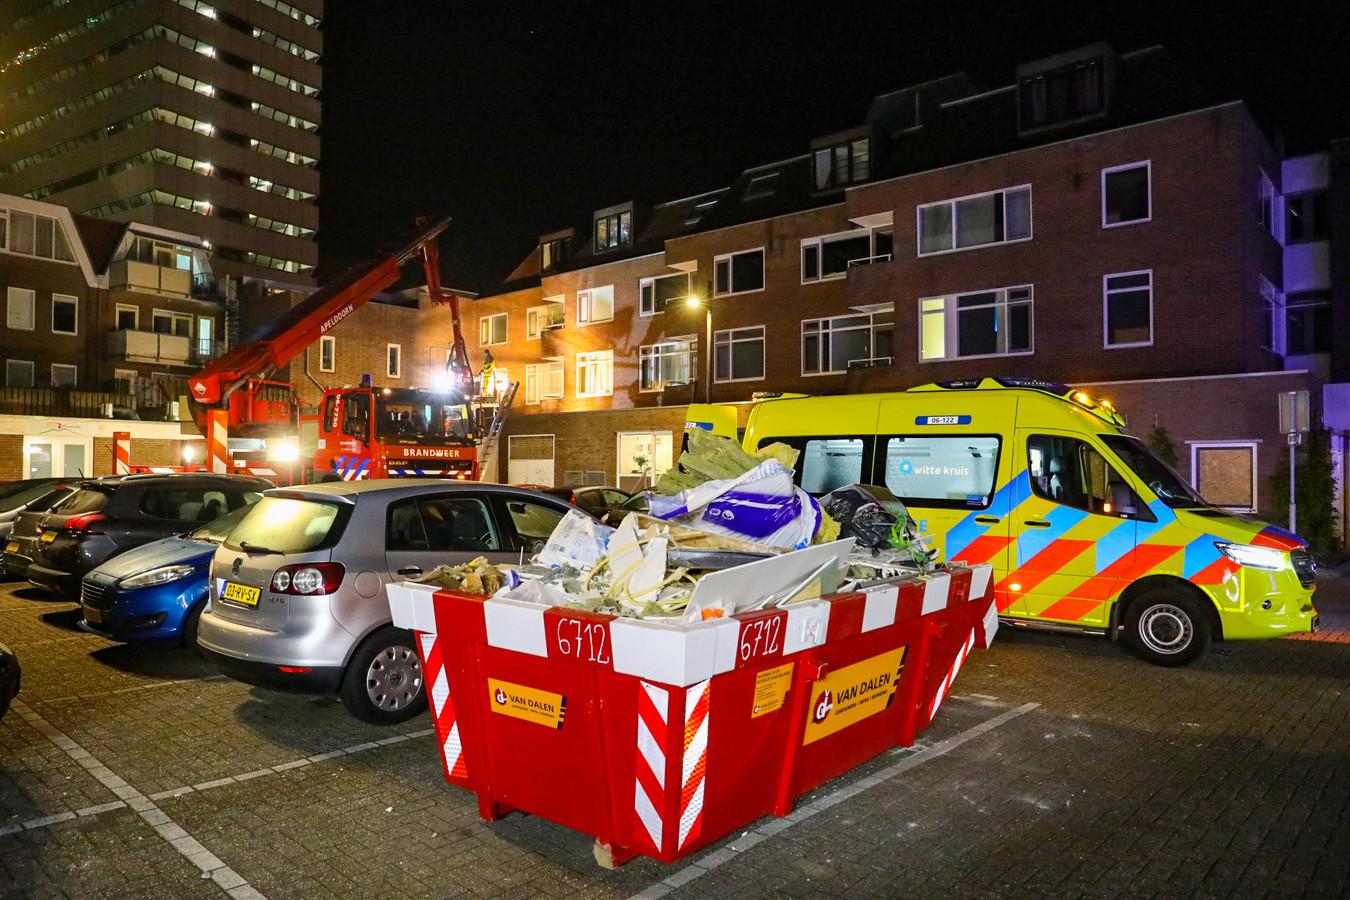 Meerdere hulpdiensten kwamen ter plaatse, er werd ook een traumahelikopter opgeroepen.